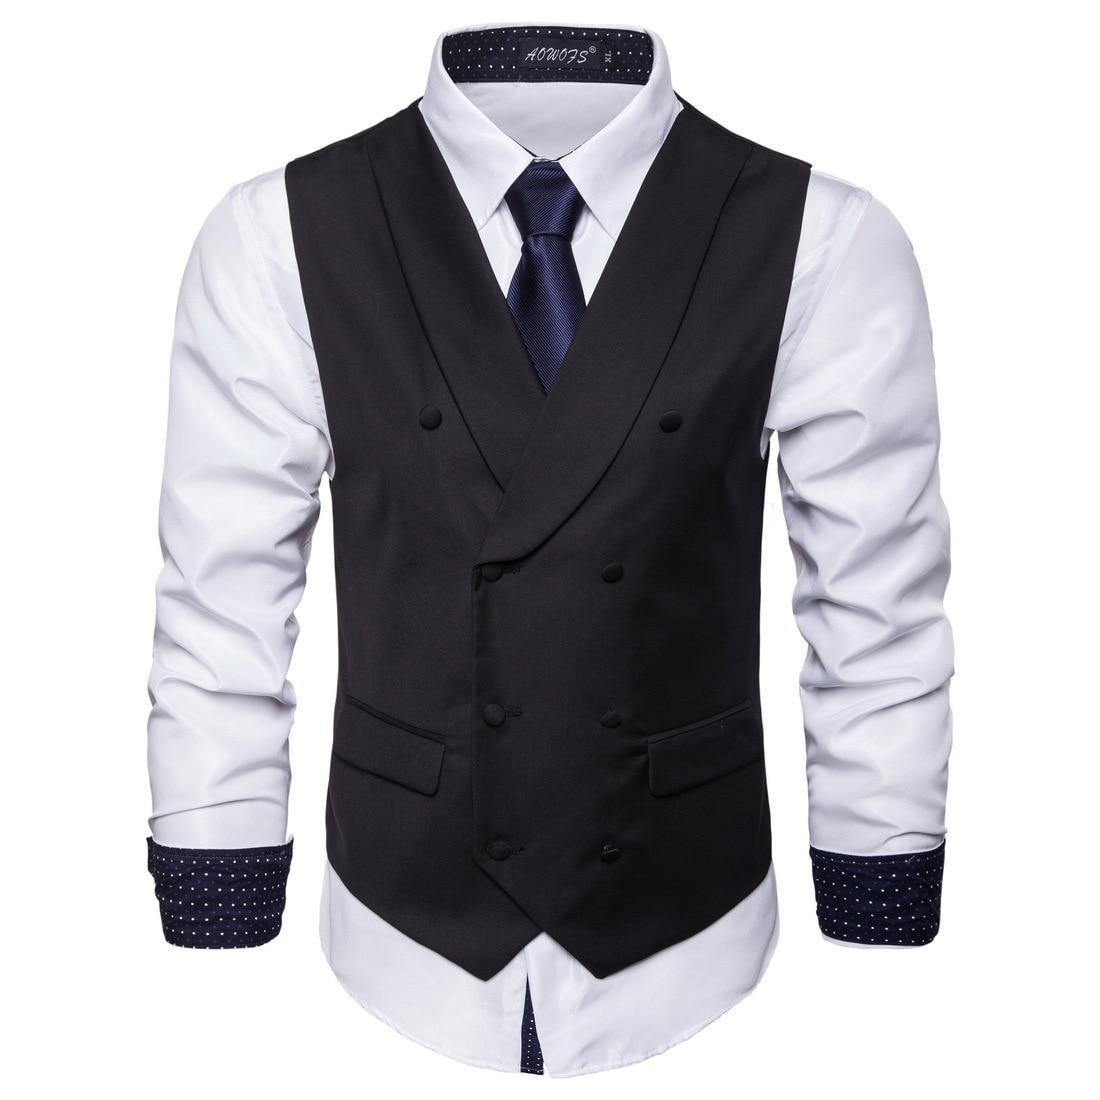 Jacquard Waistcoat Vest  Party Wedding Suit THigh-quality Goods Cotton Fashion Design Vest  High-end Men's Business Casual Suit